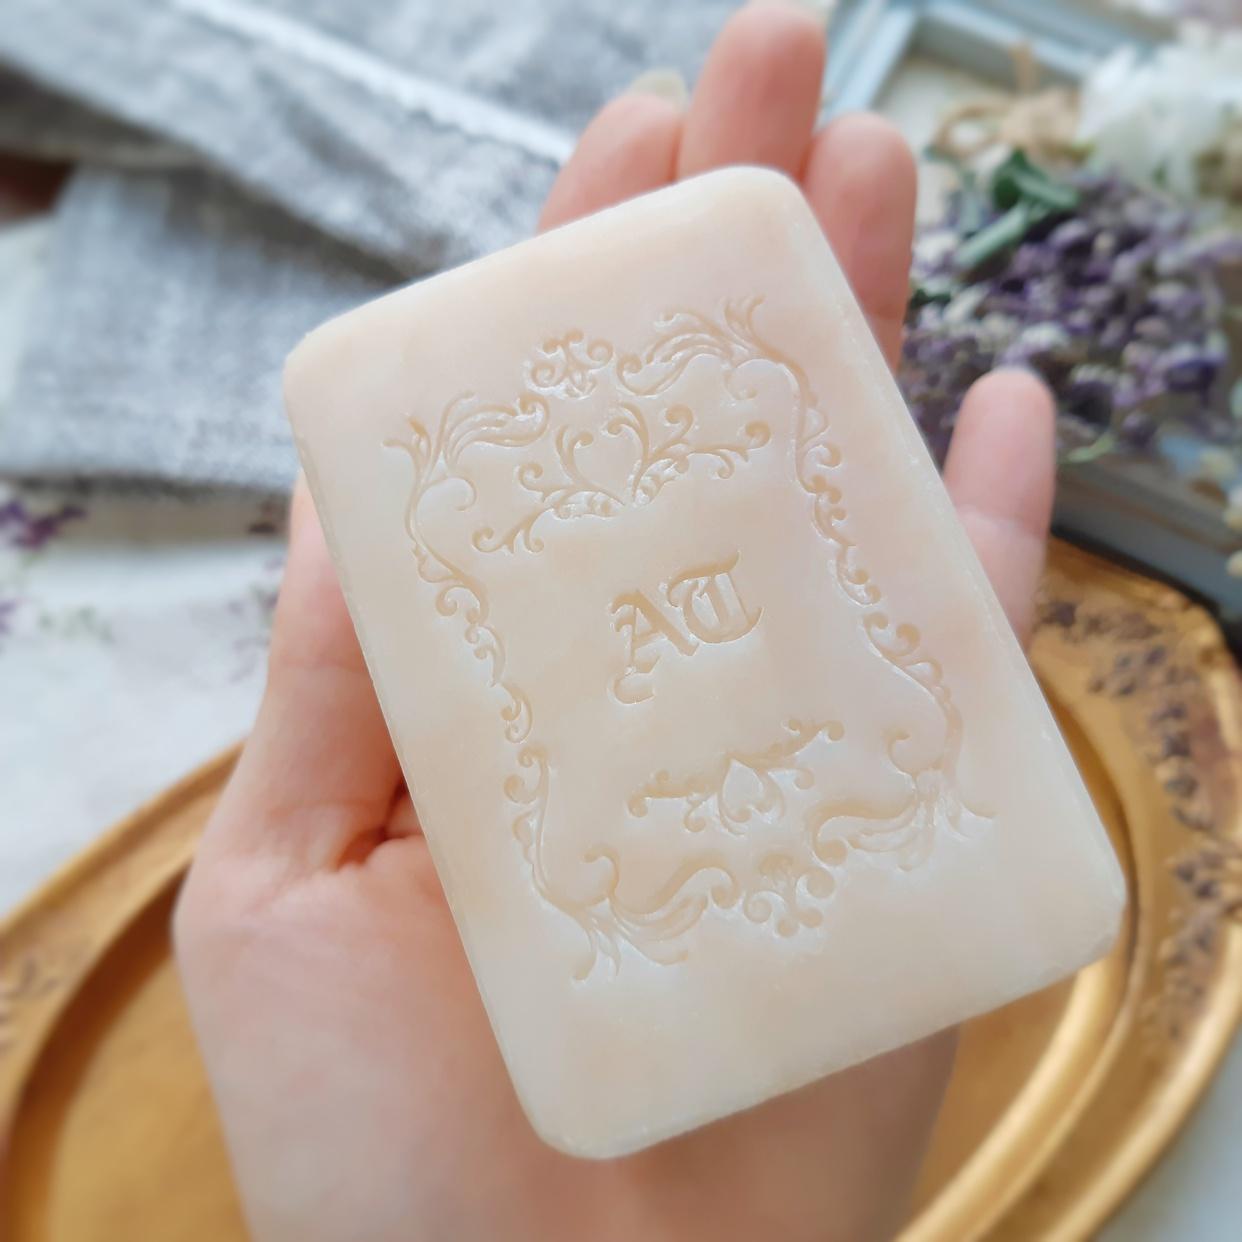 麗凍化粧品(Reitou Cosme) 薔薇はちみつ石鹸を使った銀麦さんのクチコミ画像2